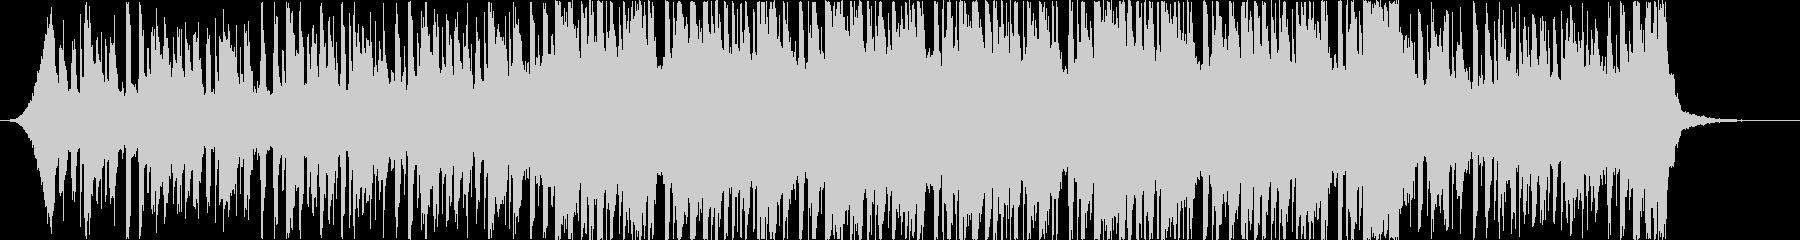 レトロでおしゃれな80'Sエレクトロcの未再生の波形